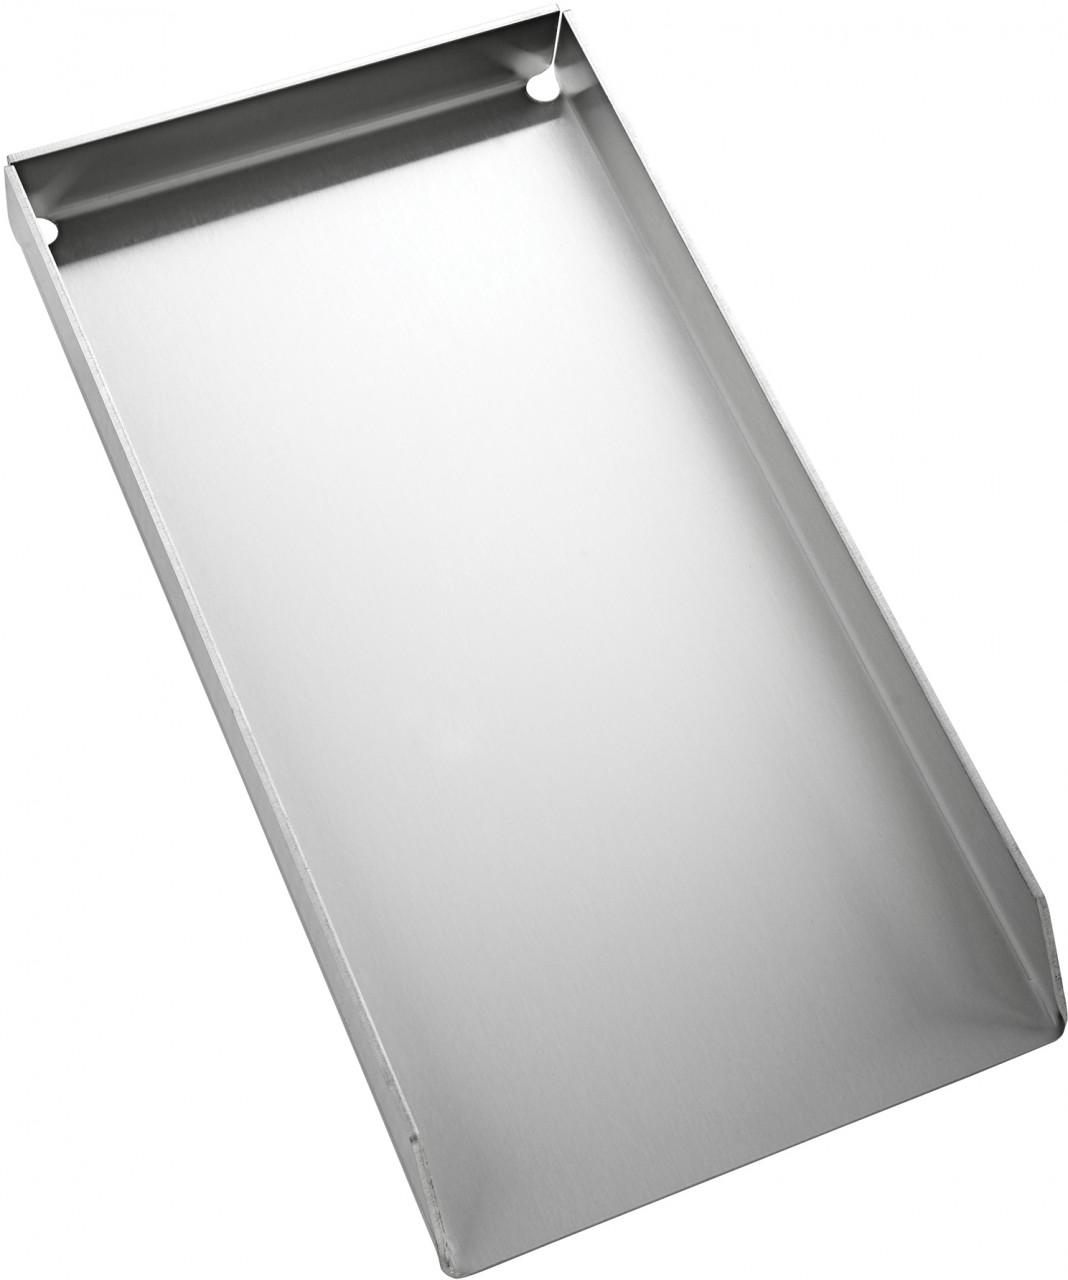 Edelstahl grillplatten preisvergleich o die besten for Grillplatte edelstahl